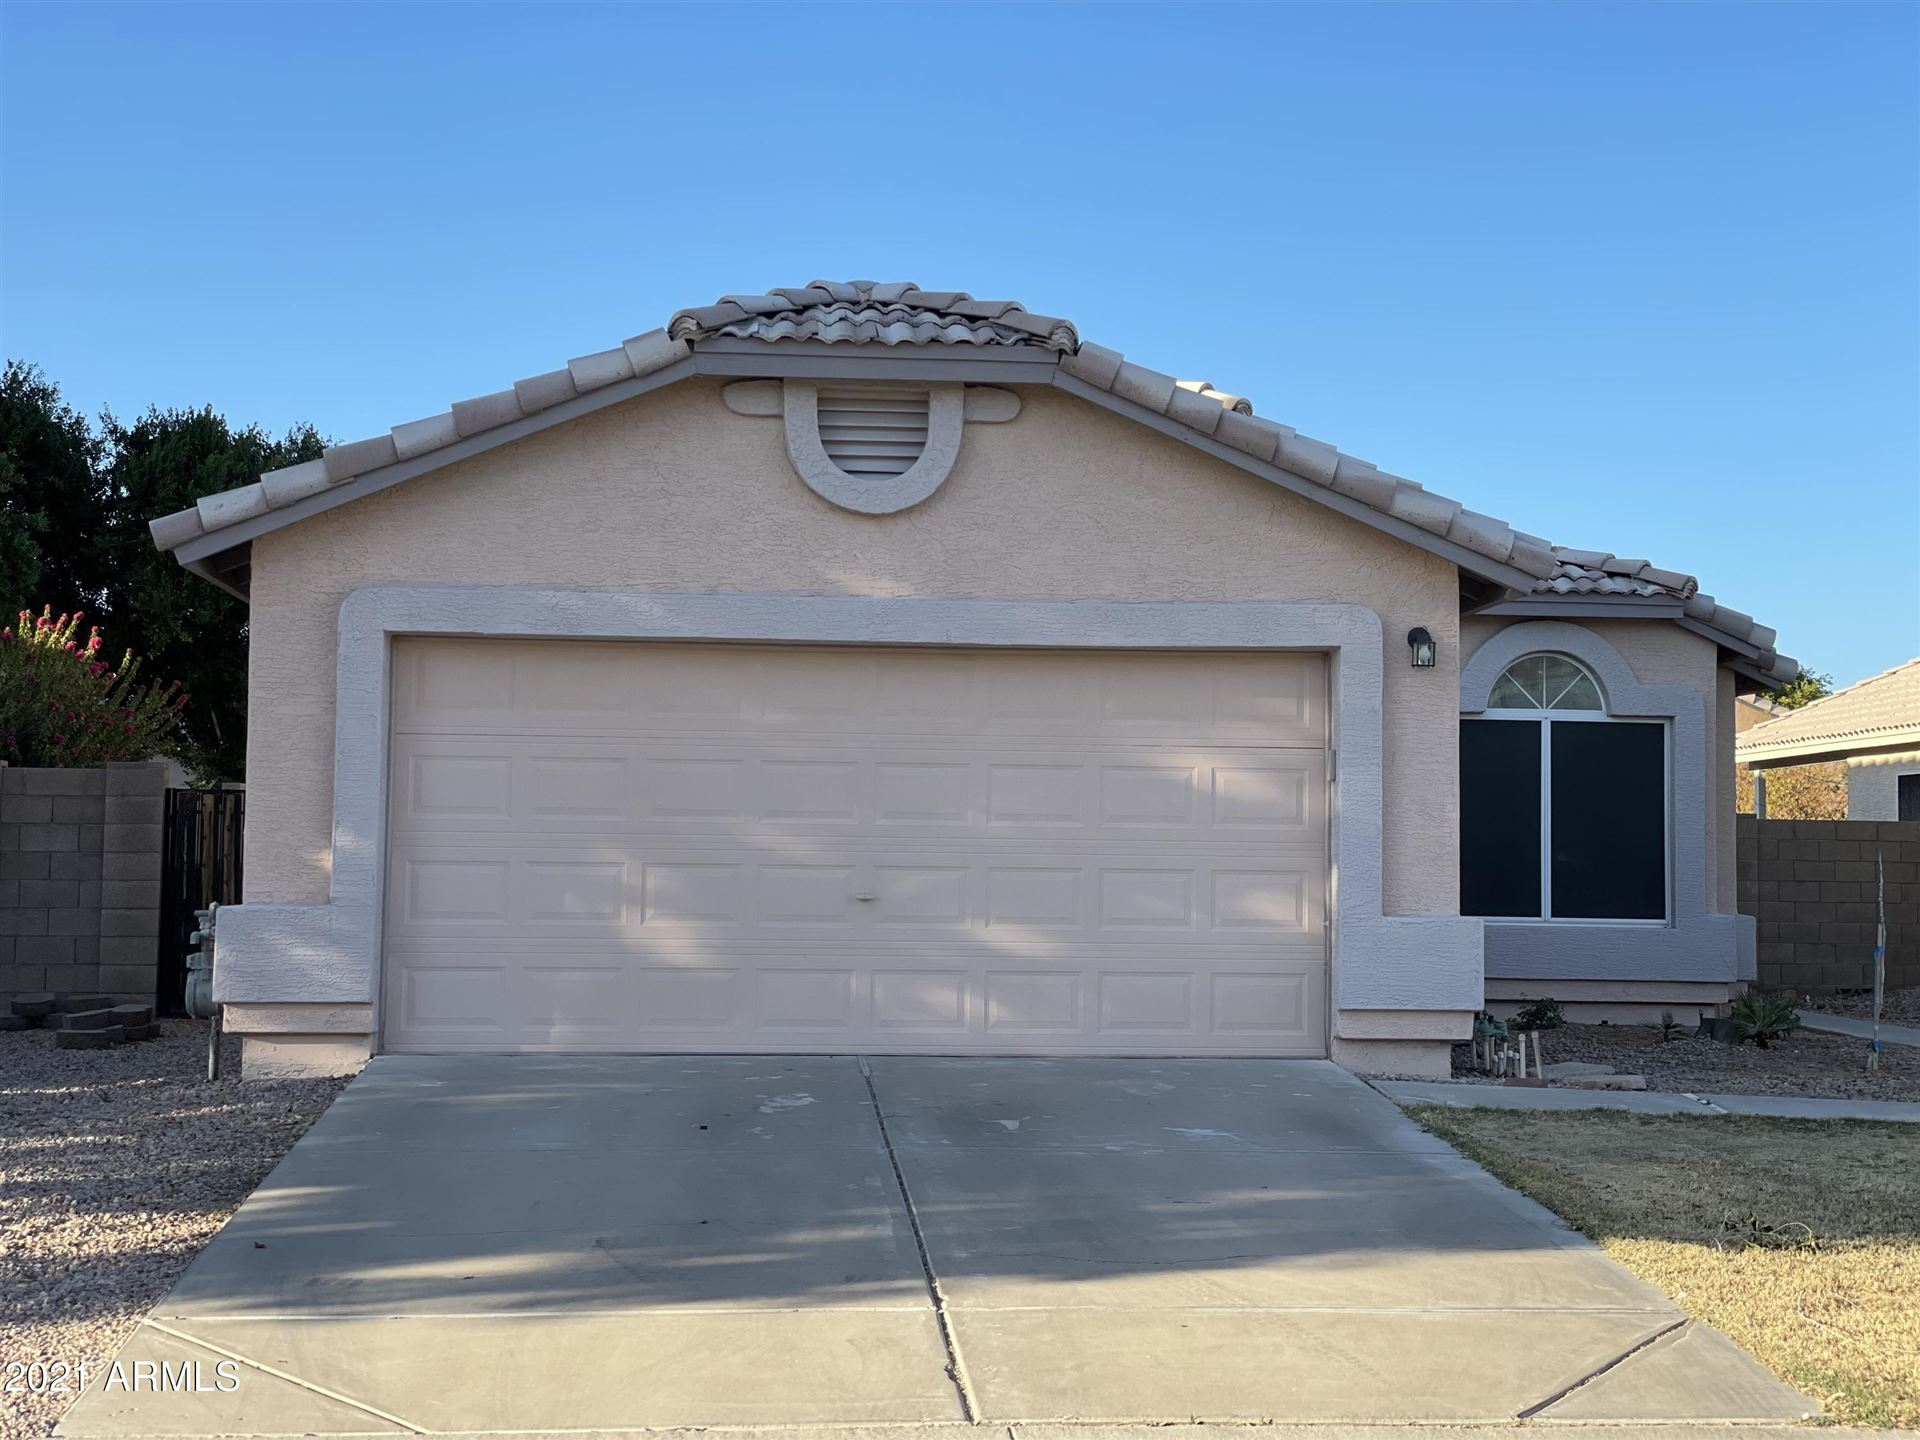 Photo of 4834 E HILTON Avenue, Mesa, AZ 85206 (MLS # 6202713)